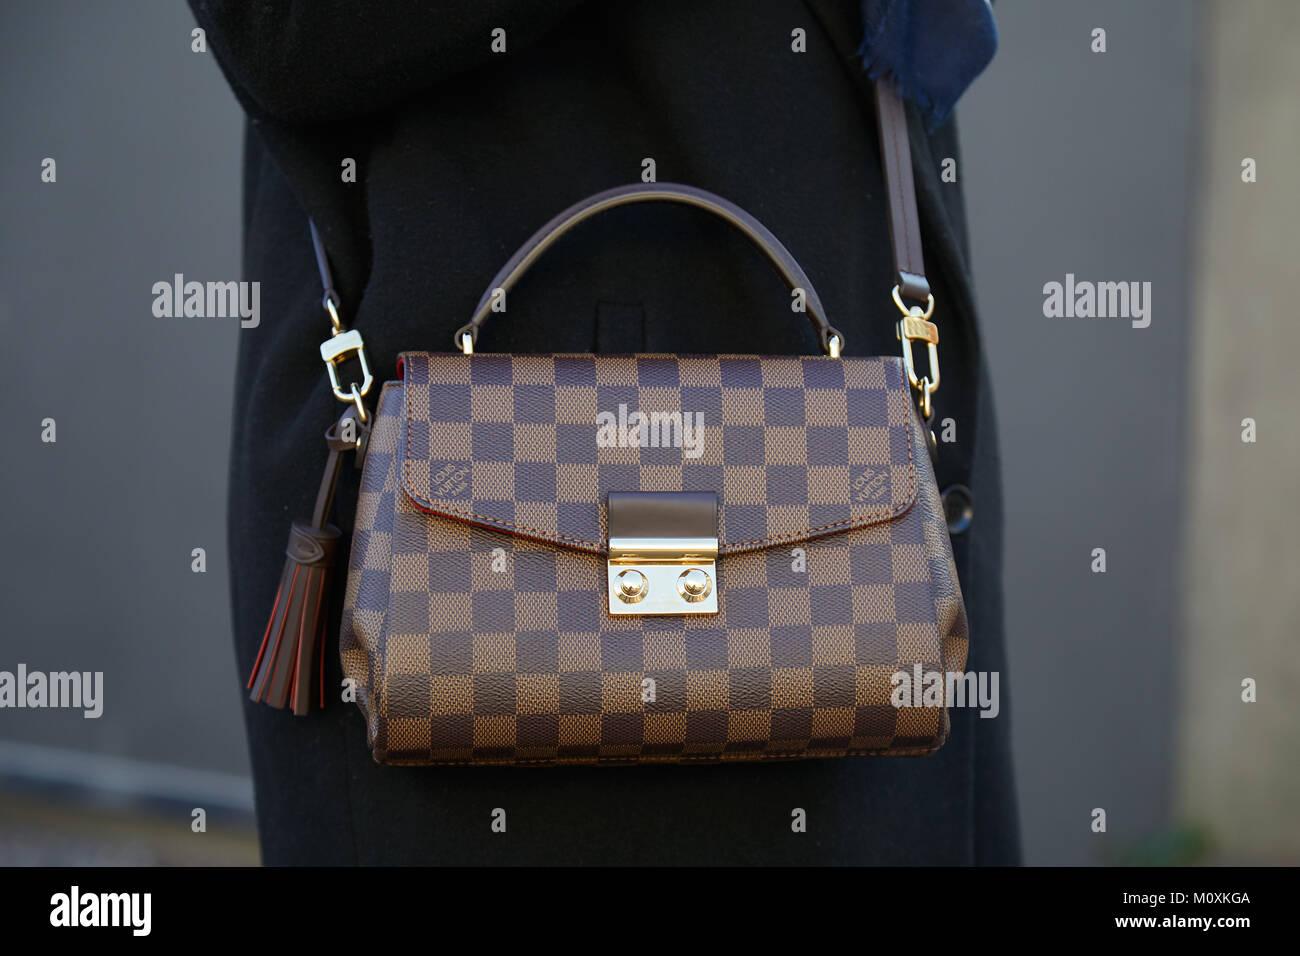 e5ab898c3f6e9 Mailand - Januar 13  Frau mit braun-karierten Louis Vuitton Tasche vor  Diesel Black